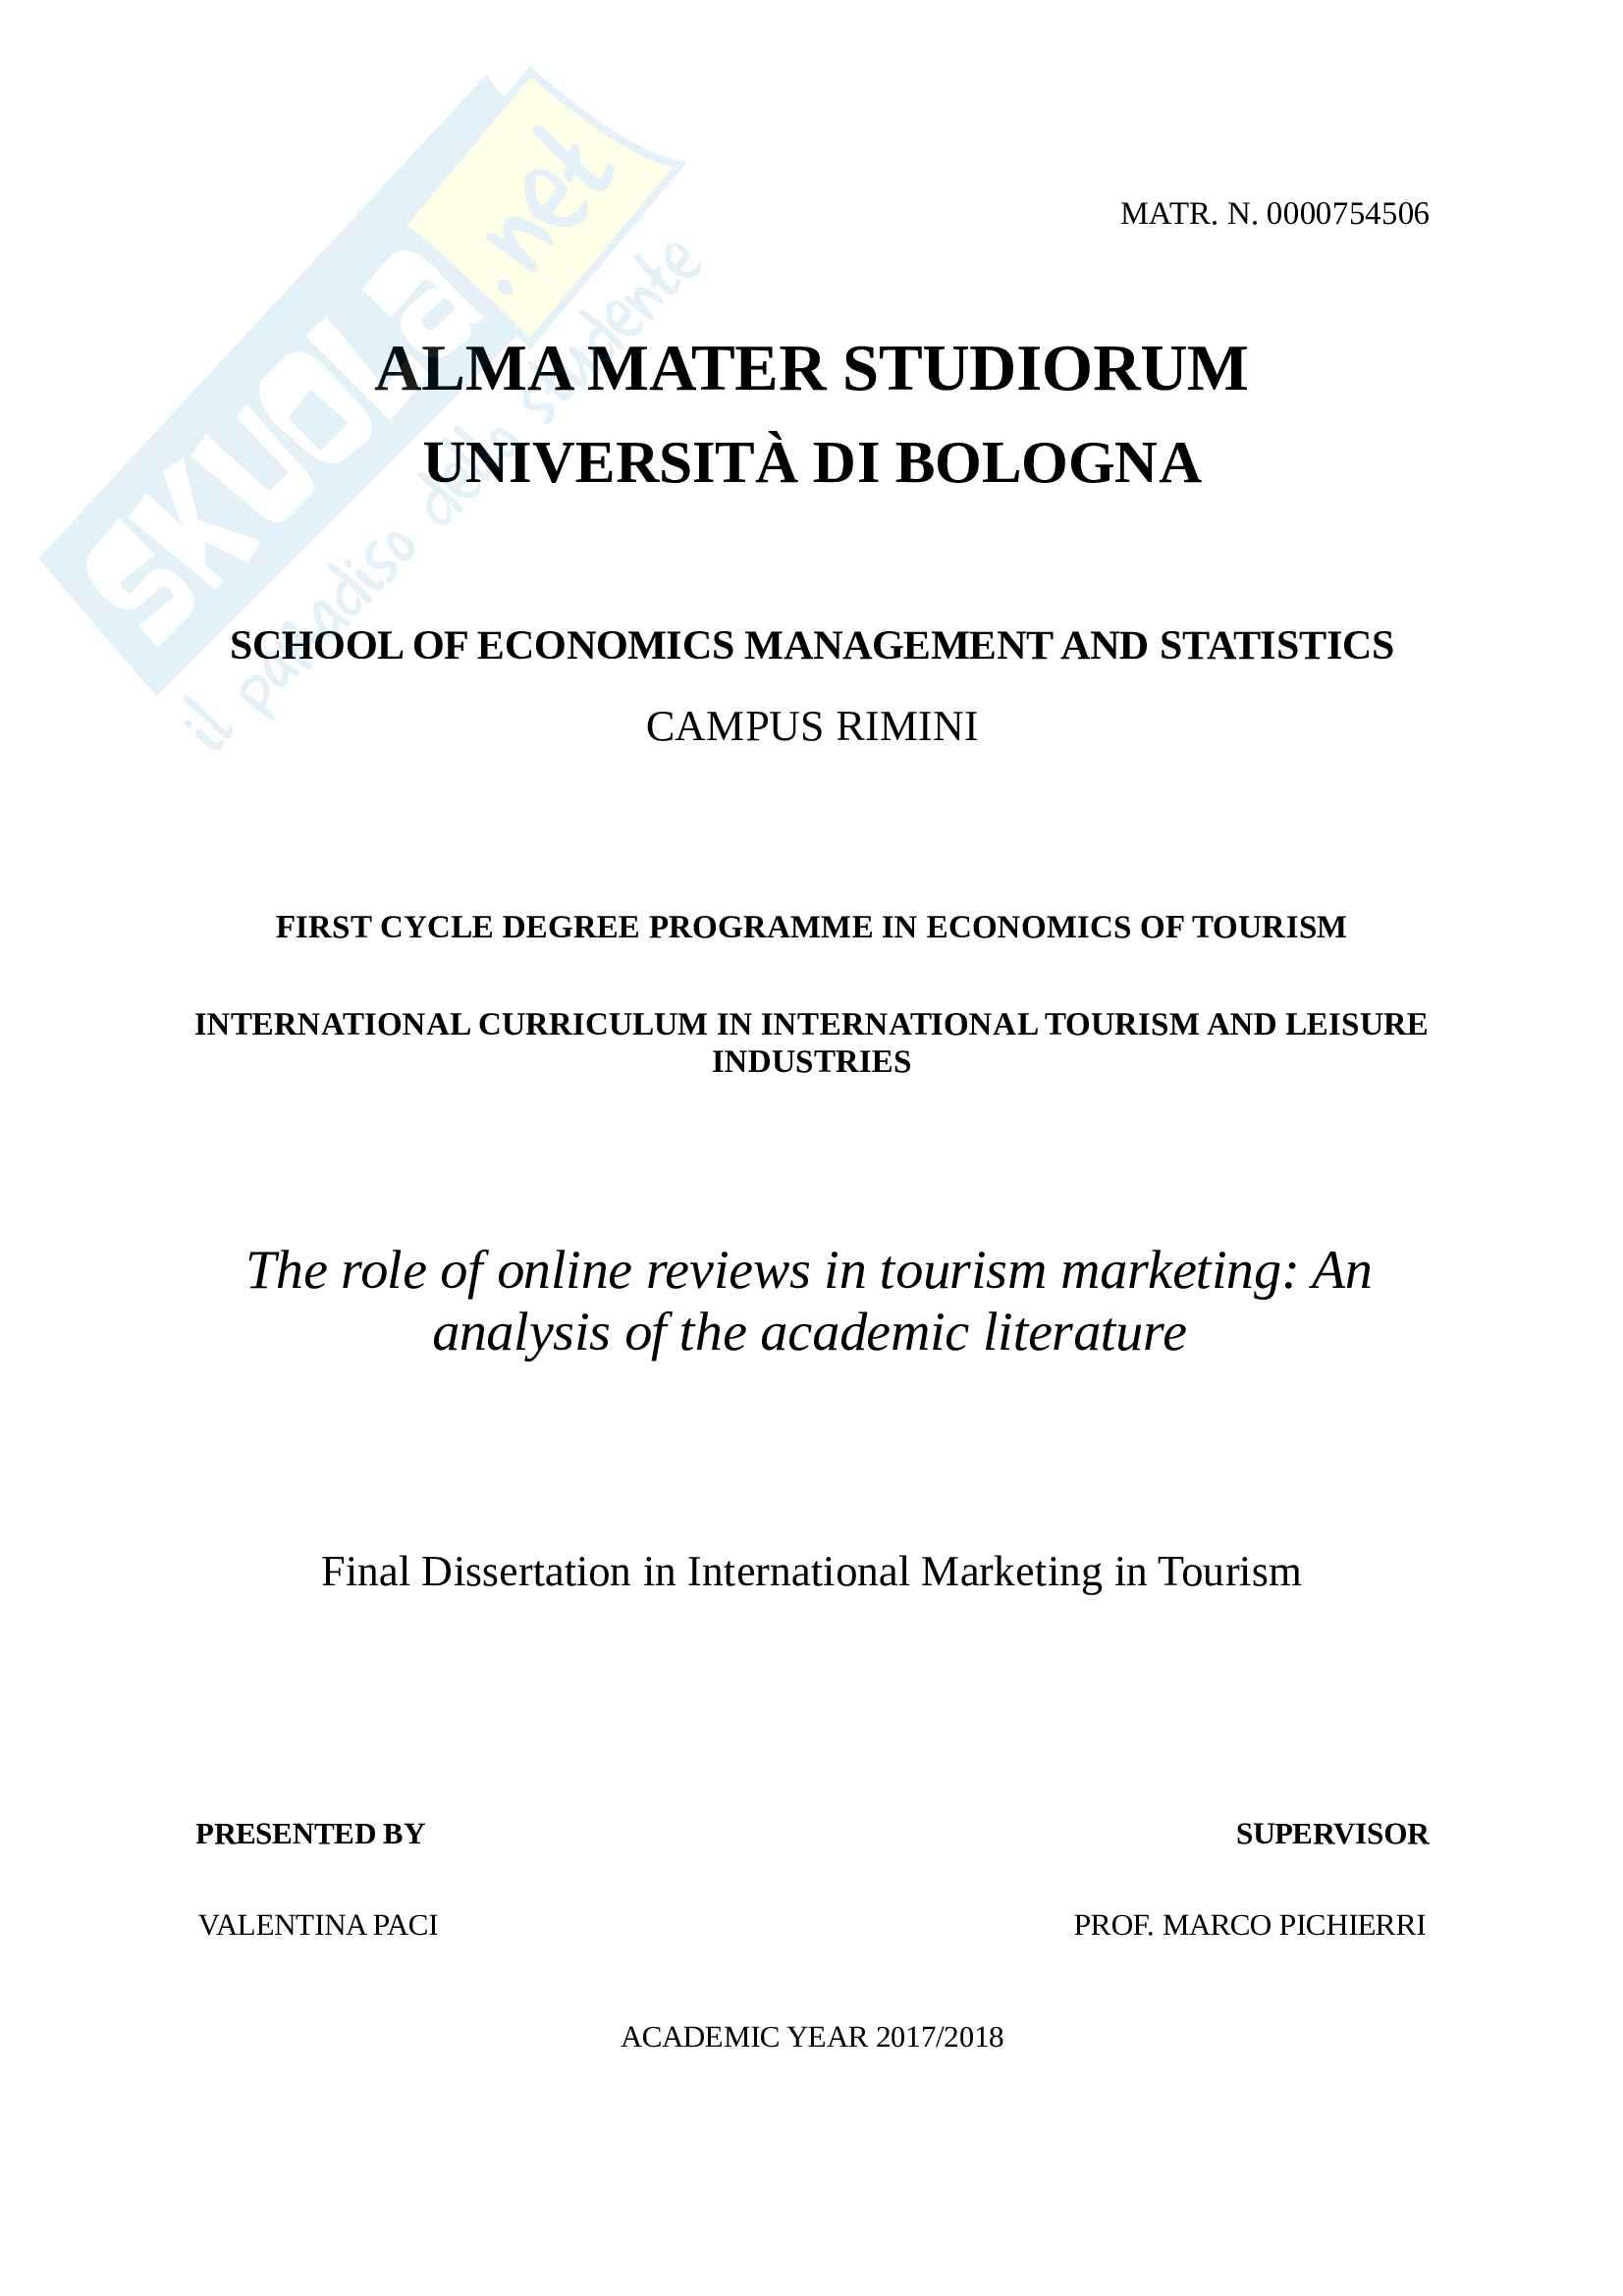 Tesi di laurea in Economia del turismo in inglese, in International Marketing in Tourism, Valentina Paci